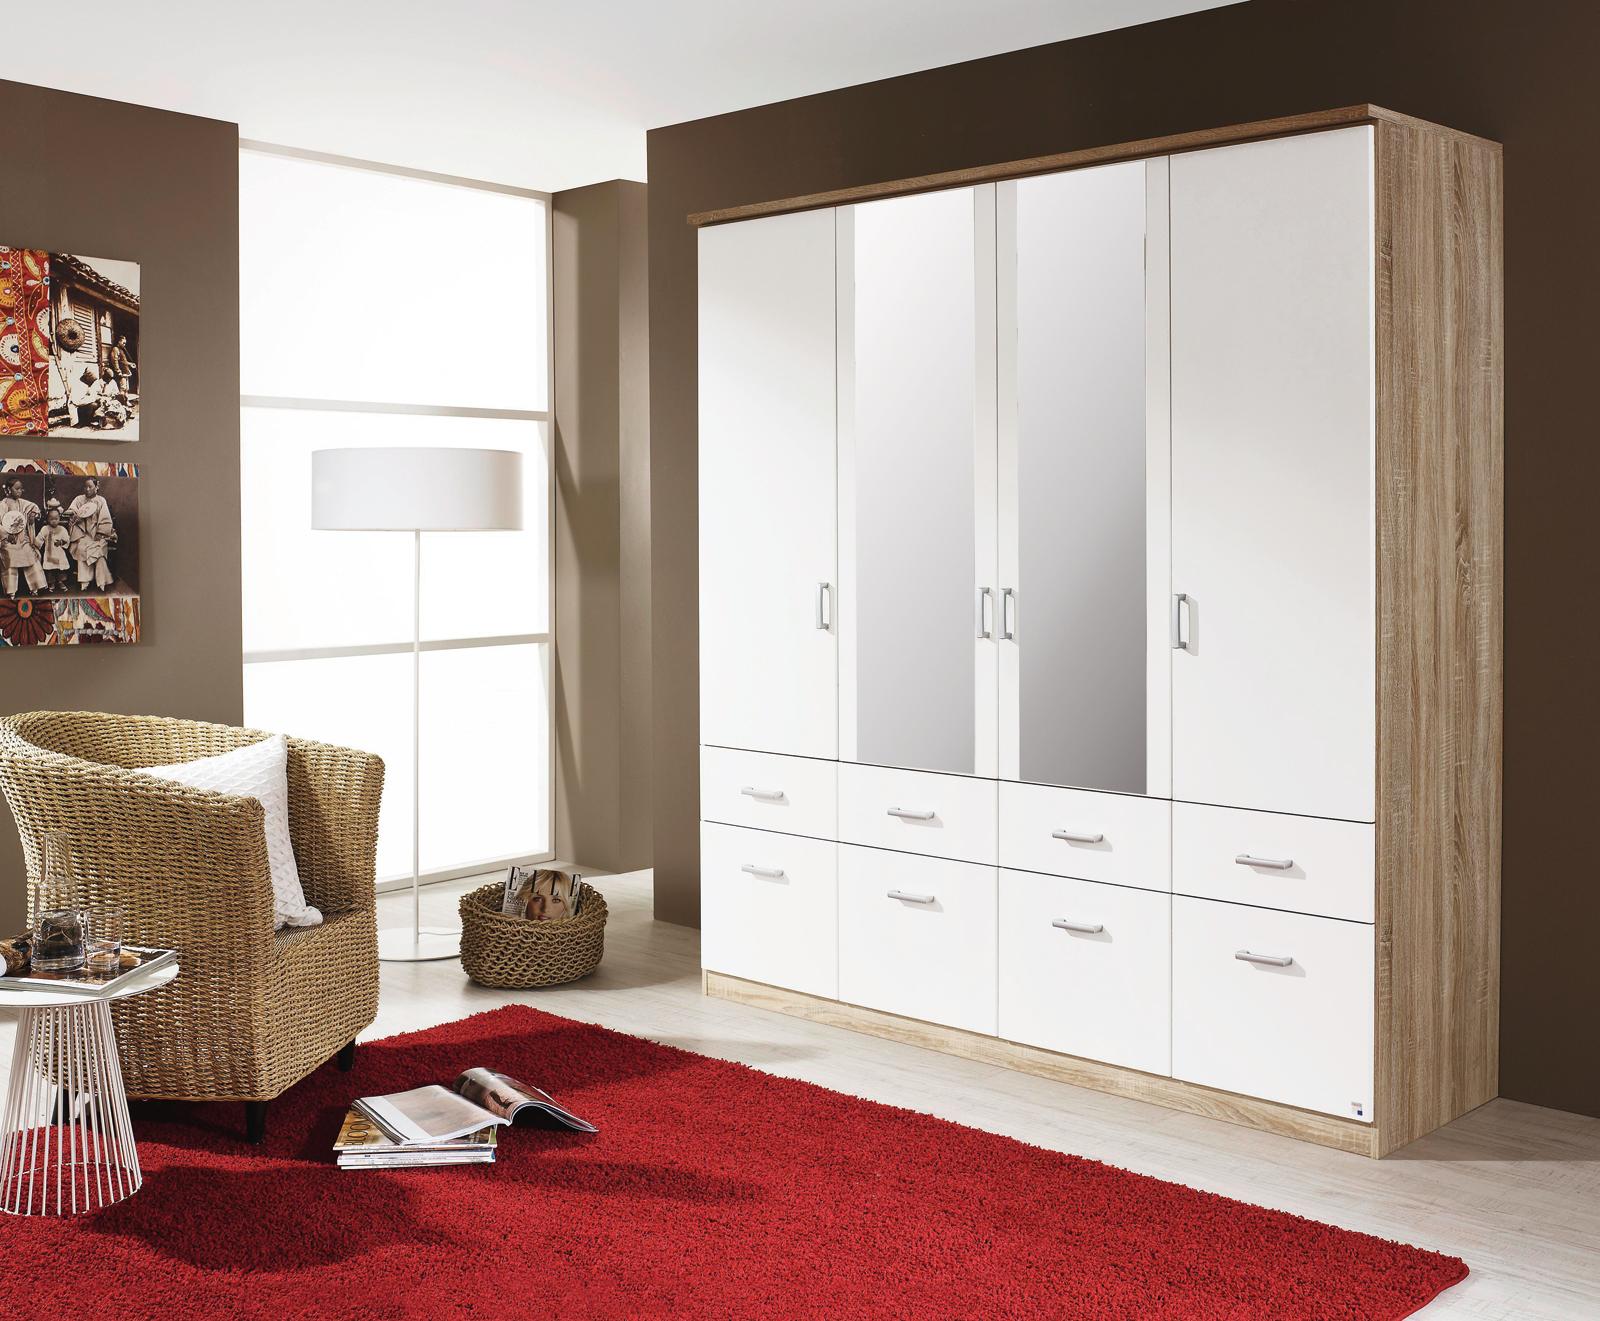 Kleiderschrank - Sonoma Eiche - weiß - 181 cm breit ...